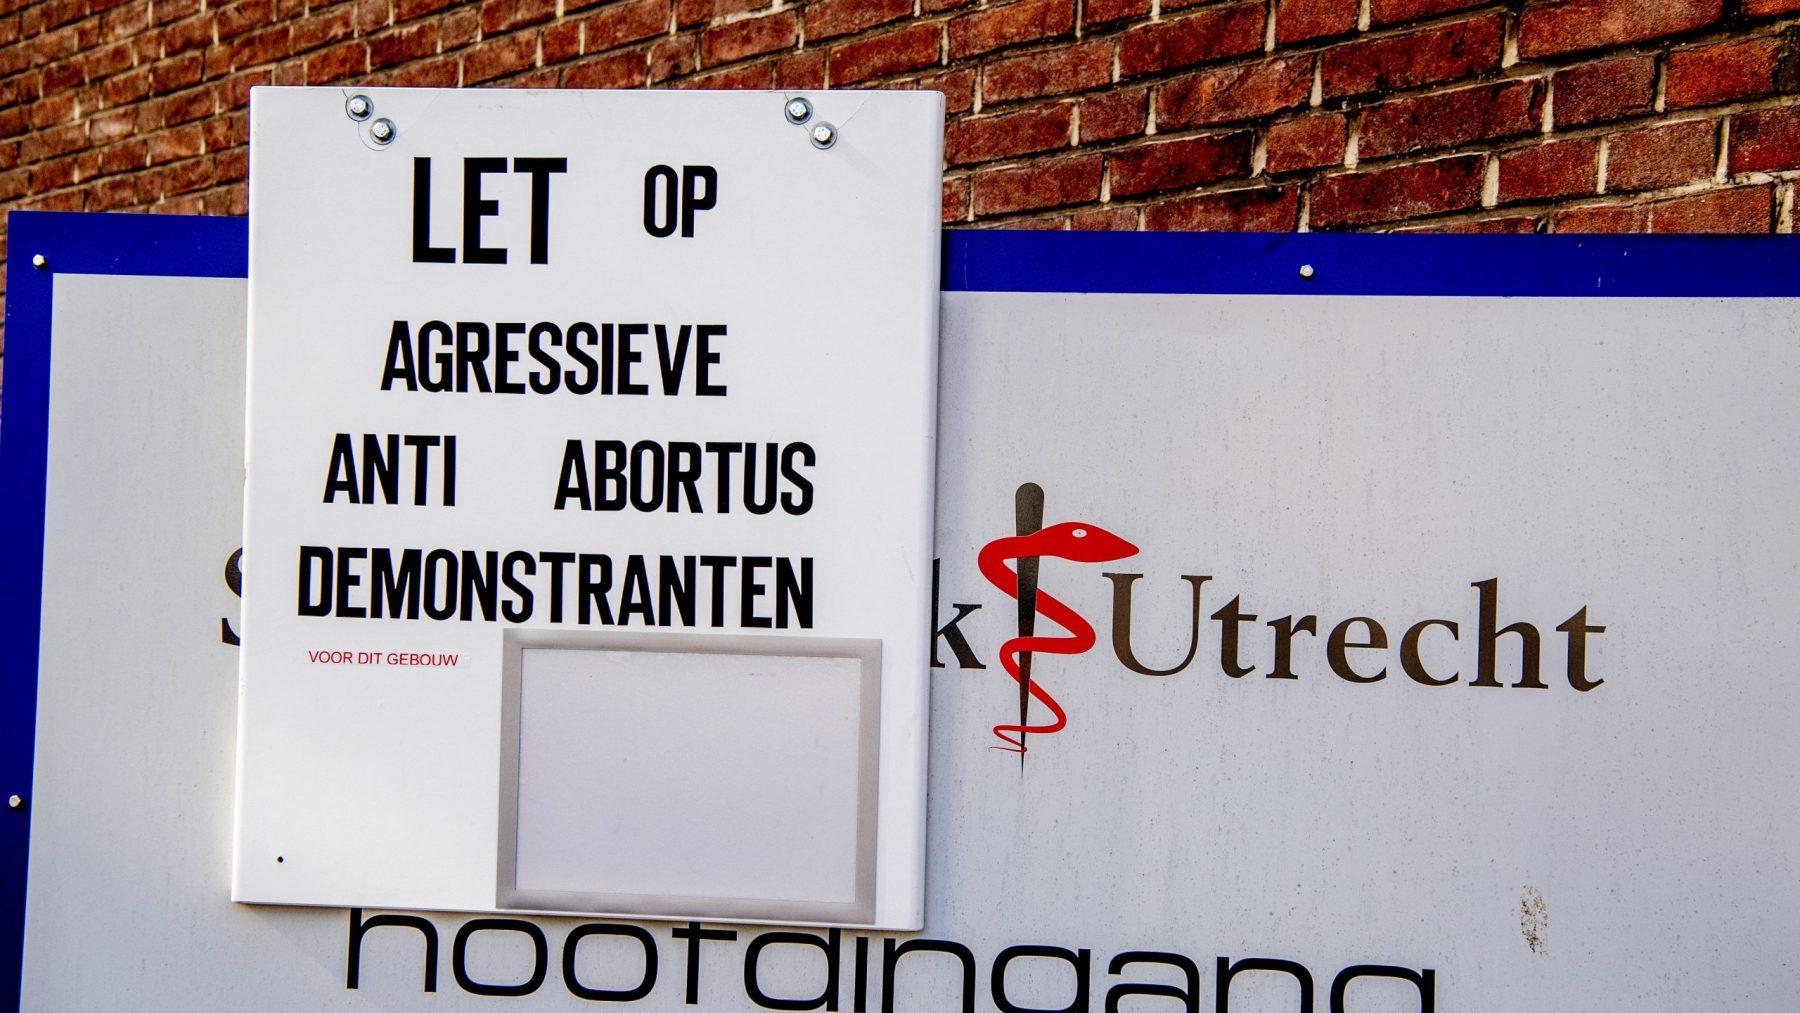 anti-abortus